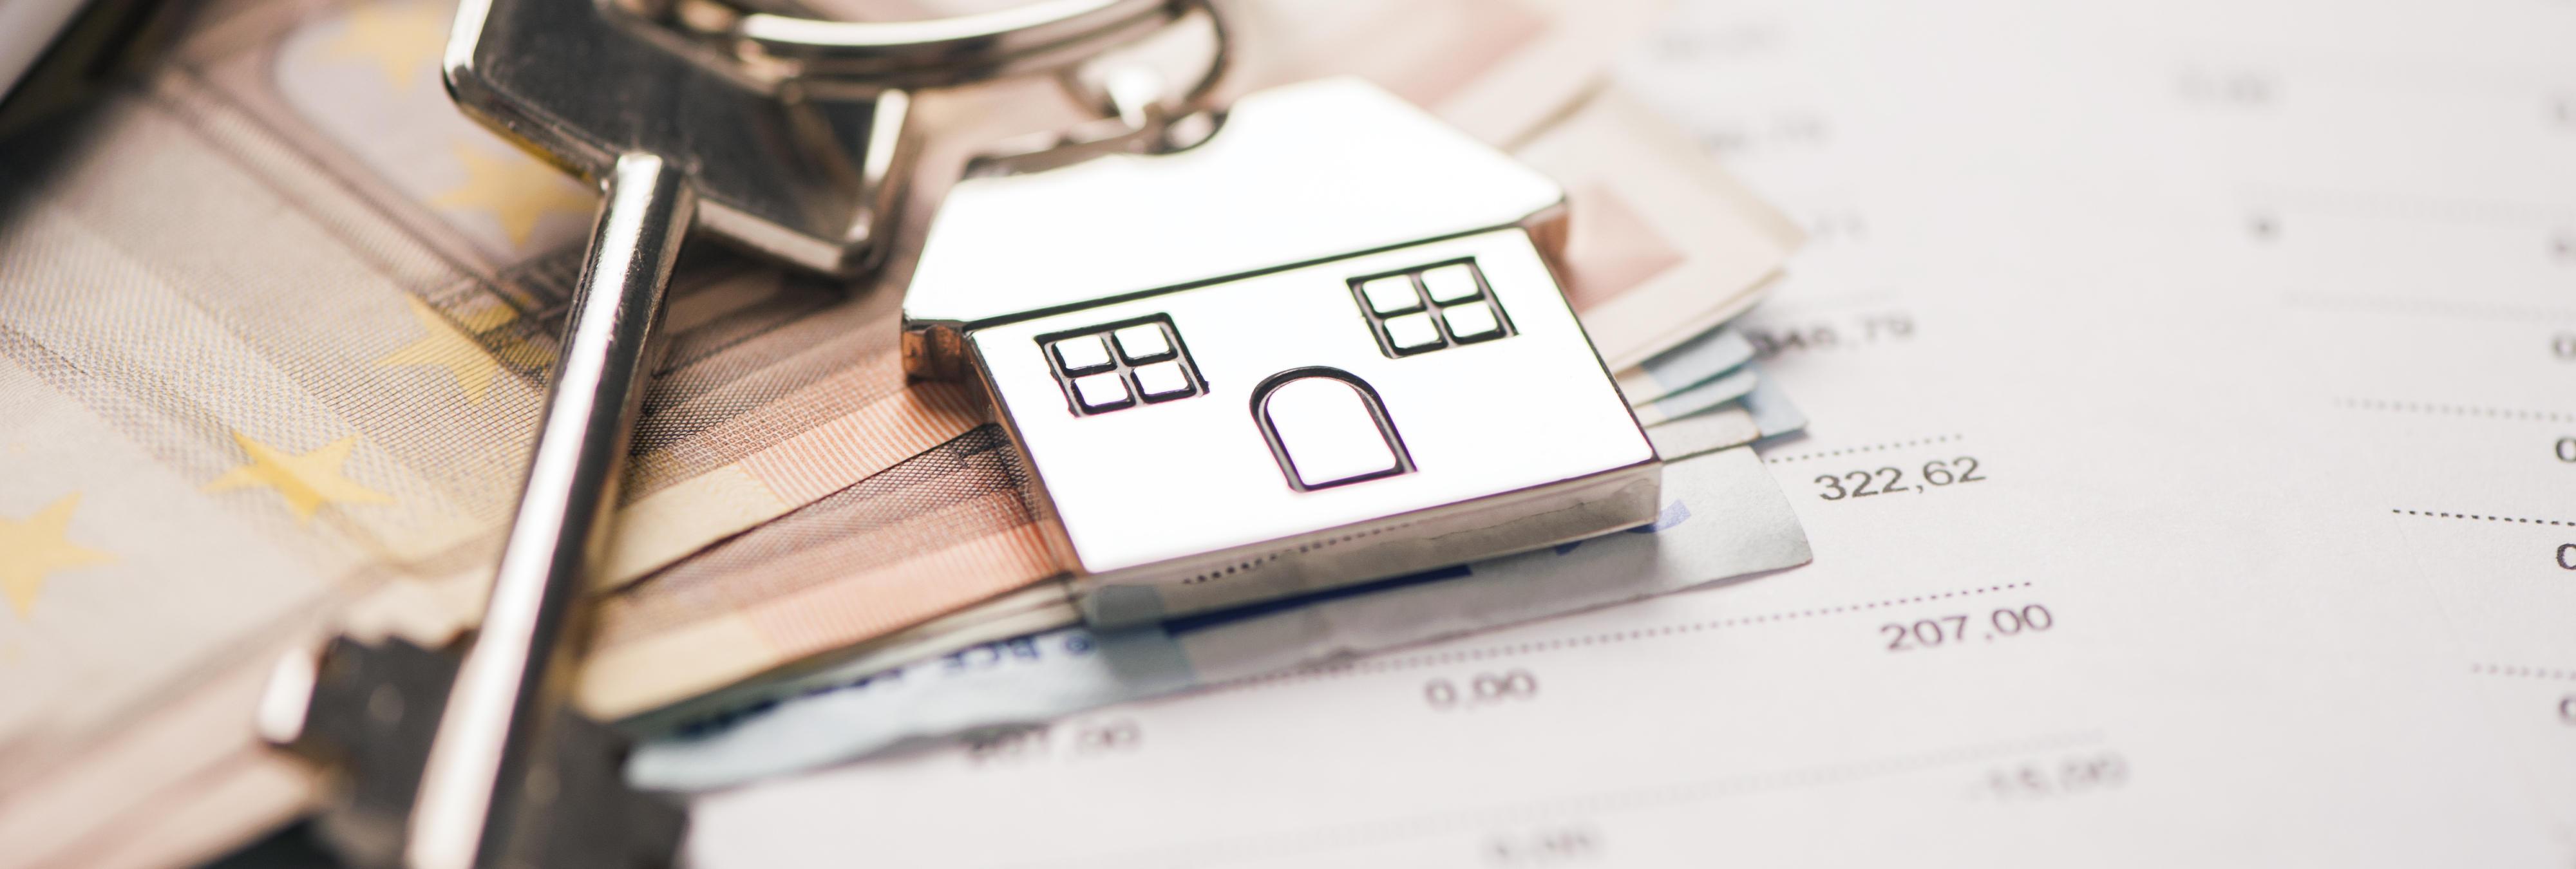 El banco le niega la hipoteca de su casa por haber tenido cáncer